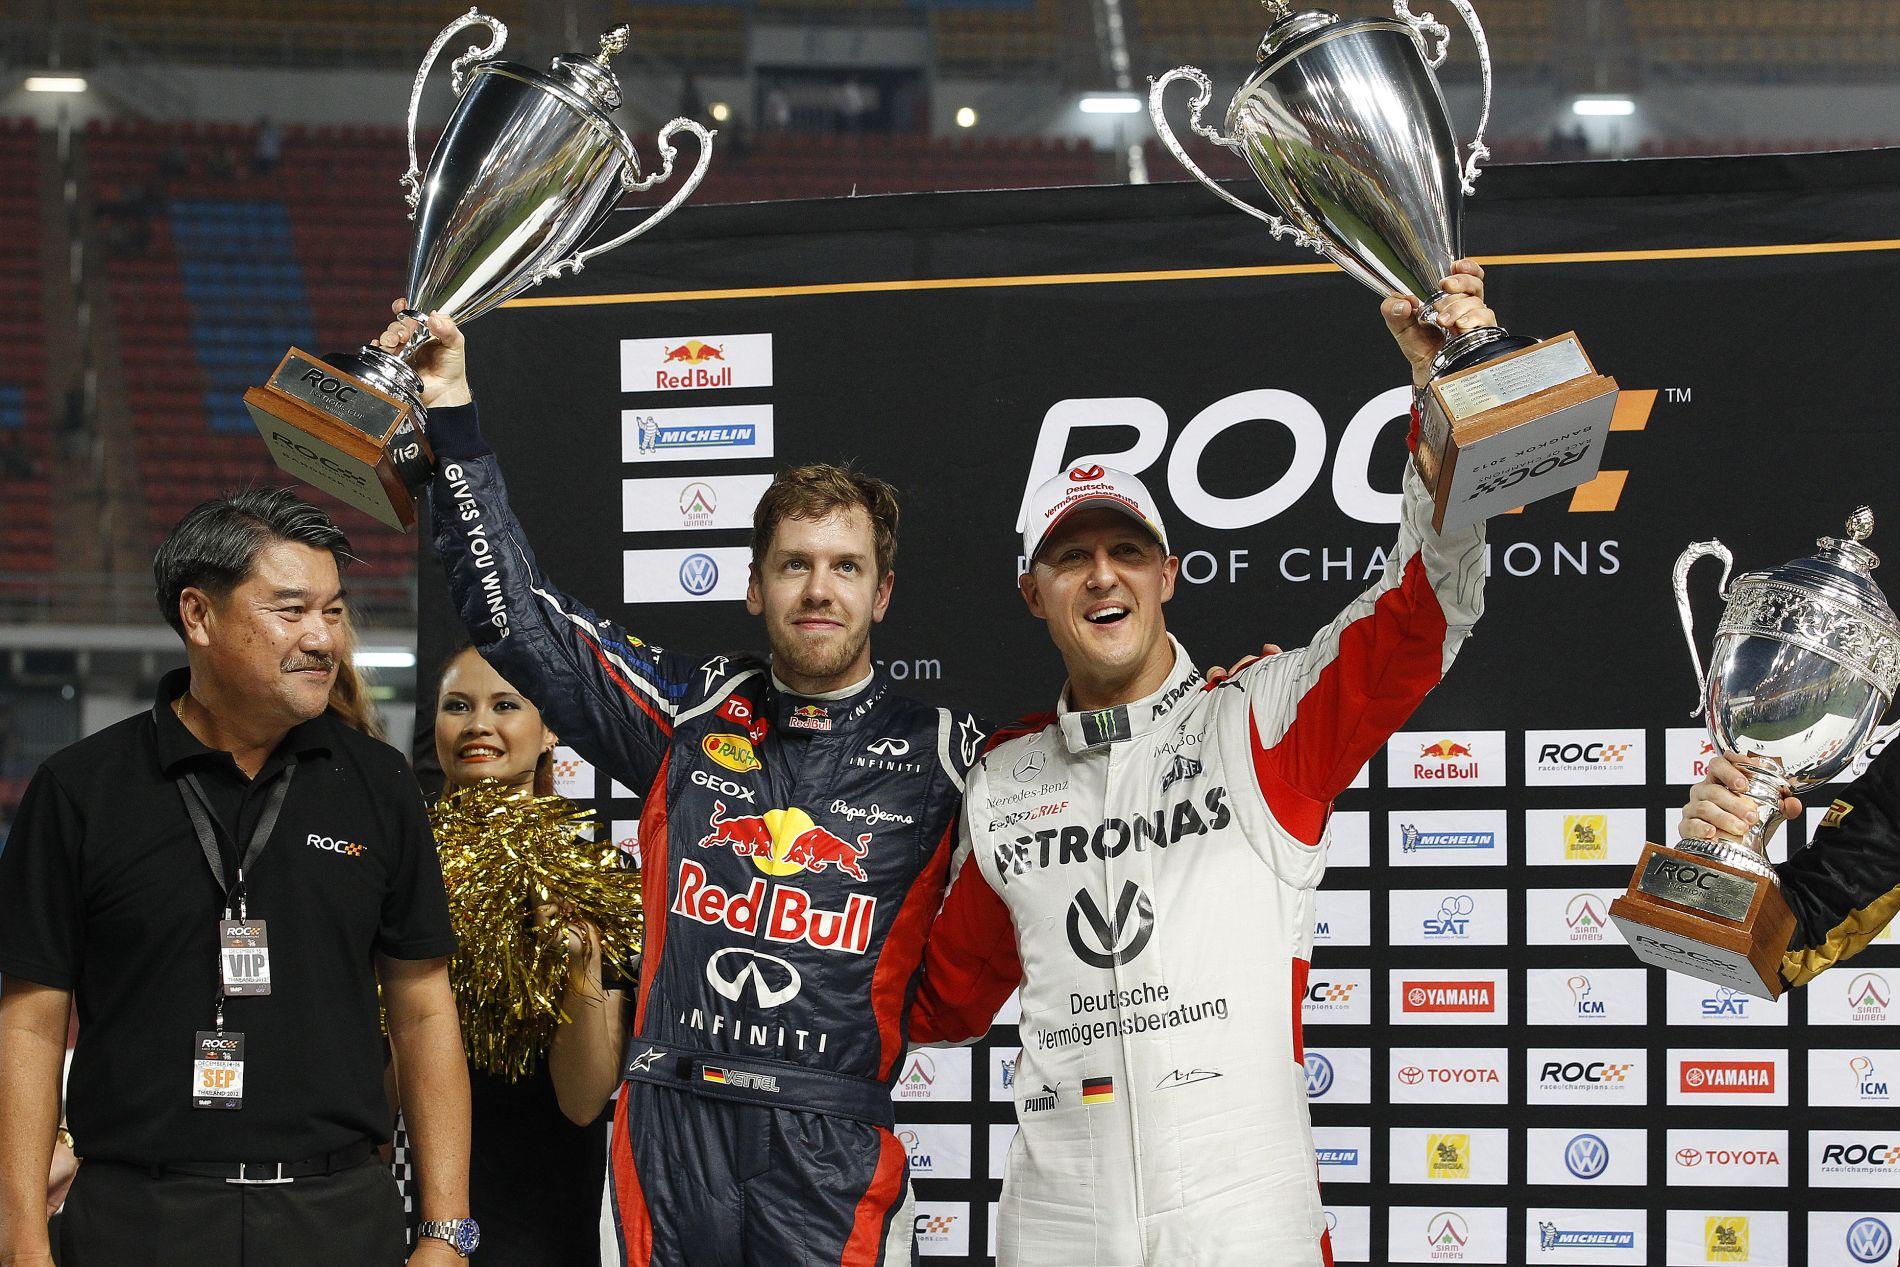 Schumacher és Vettel két teljesen más személyiség, lehetetlen a fair összehasonlítás